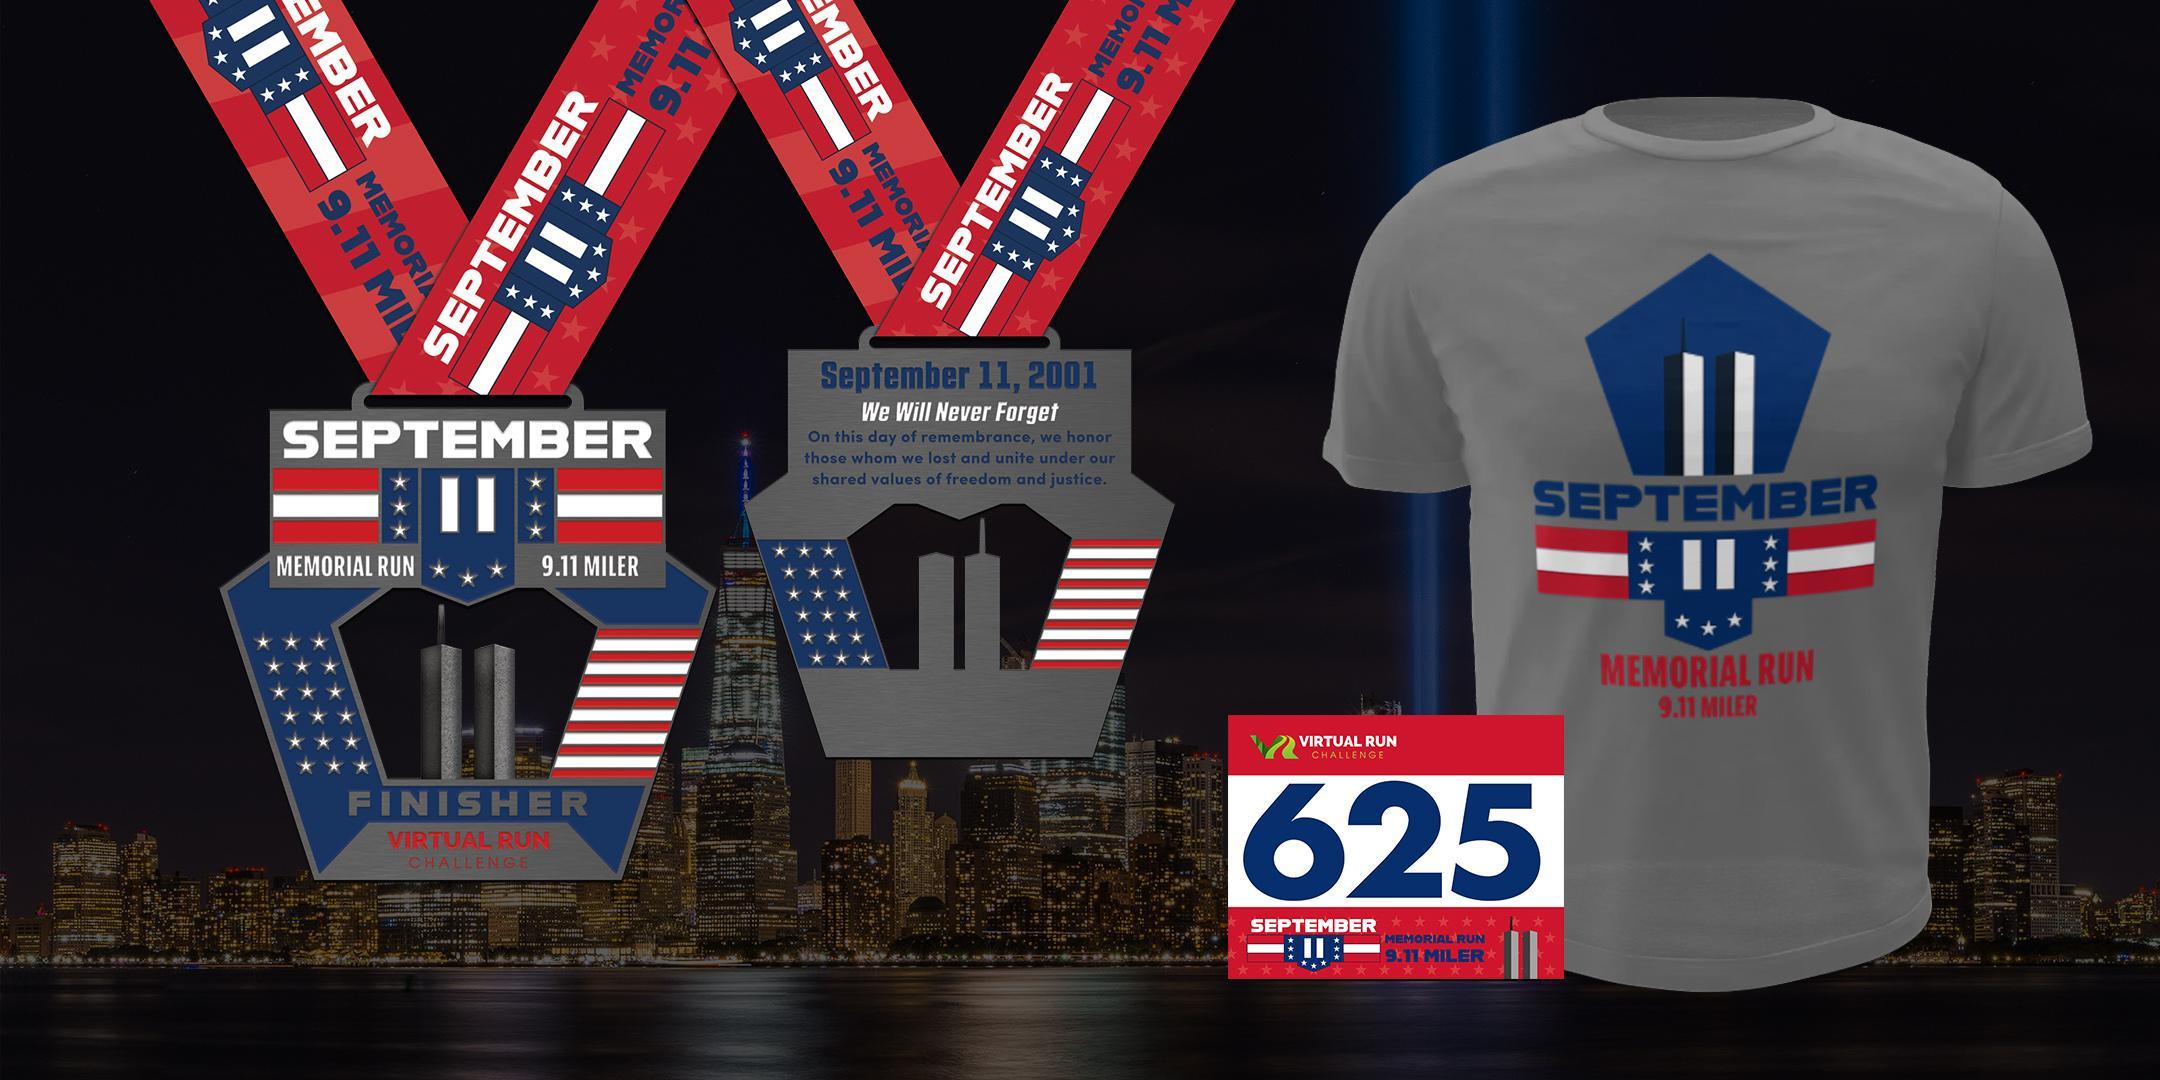 September 11 Memorial Virtual Run Walk (9.11 Miles) - Irving